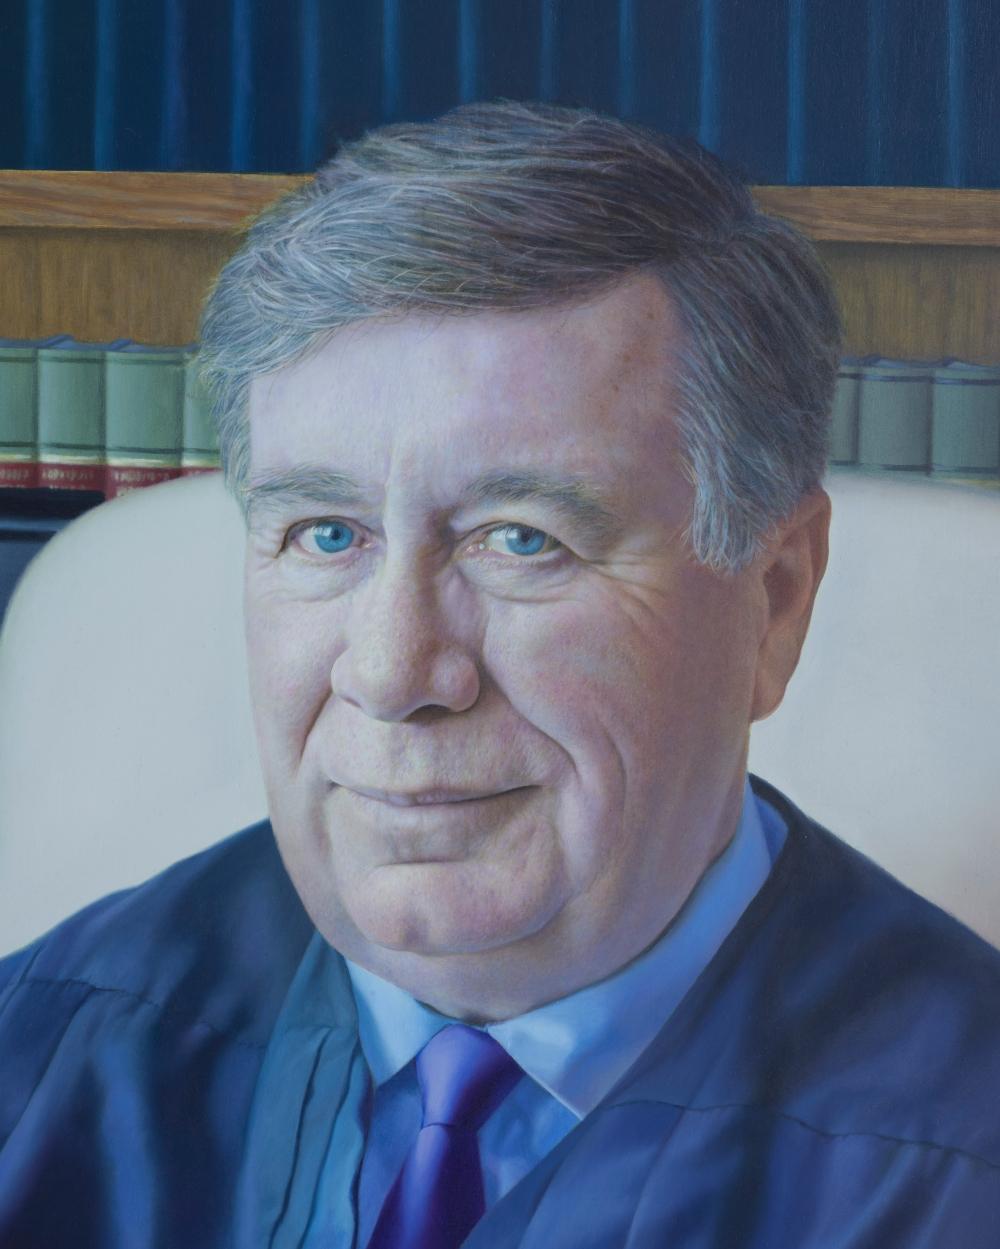 Robert Mellon